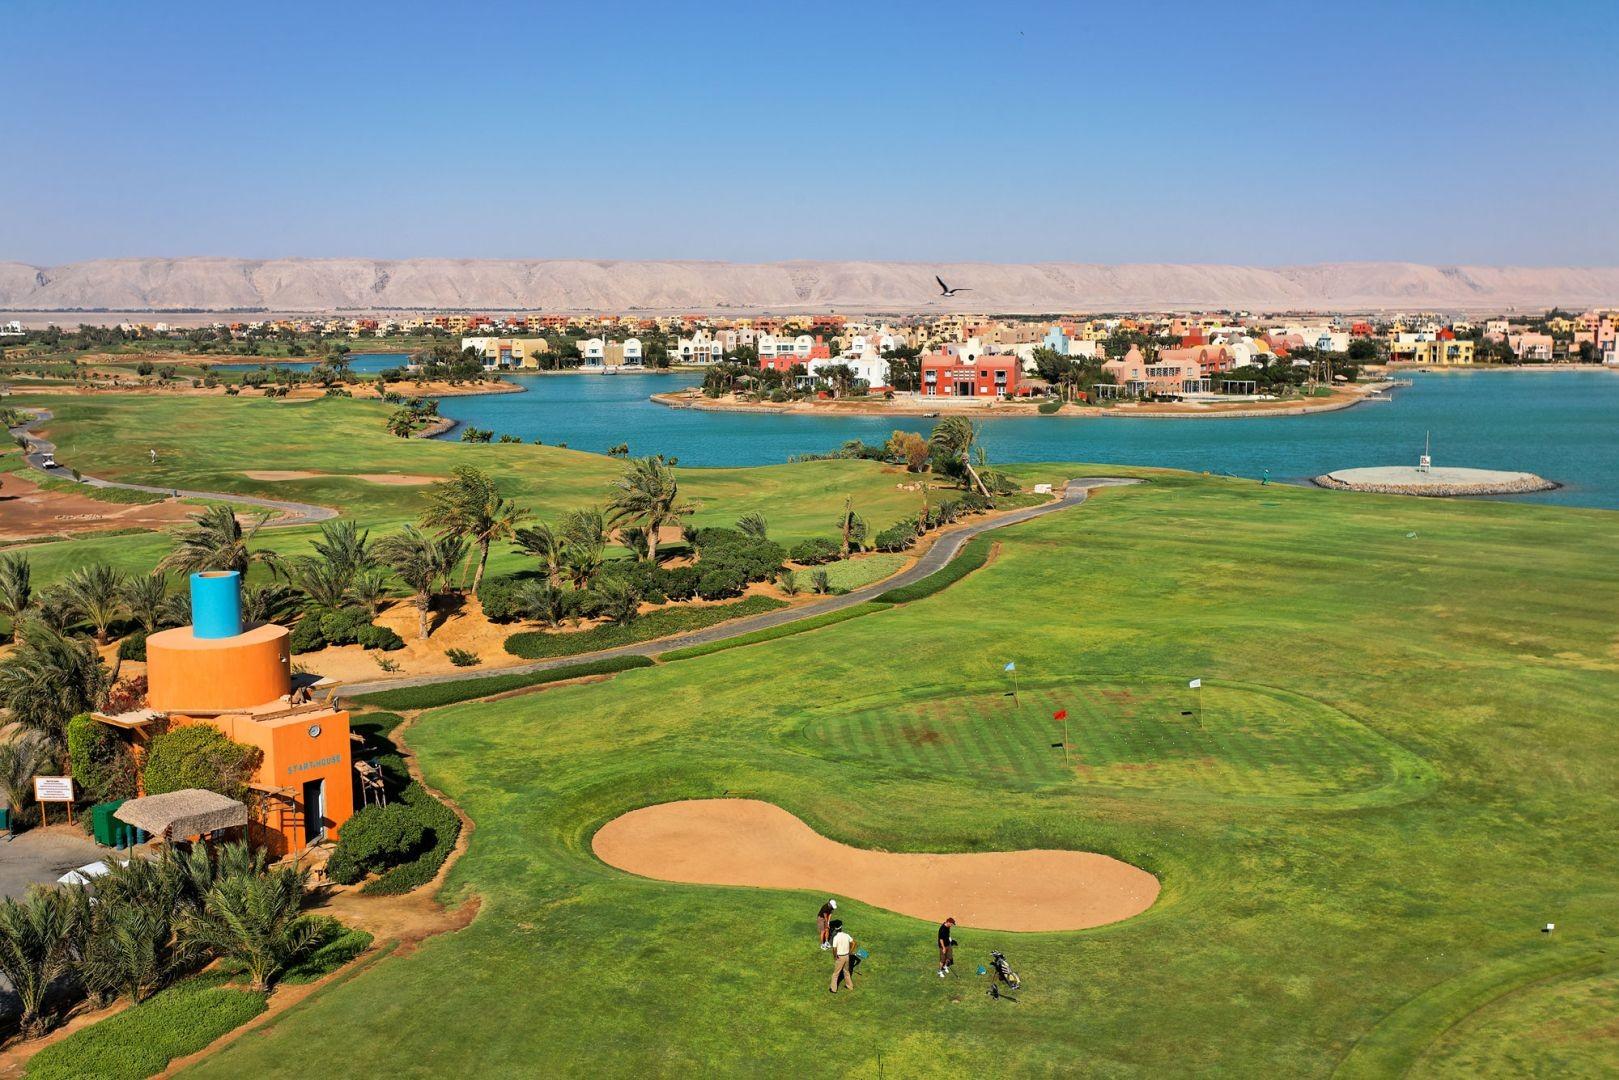 El Gouna Golf